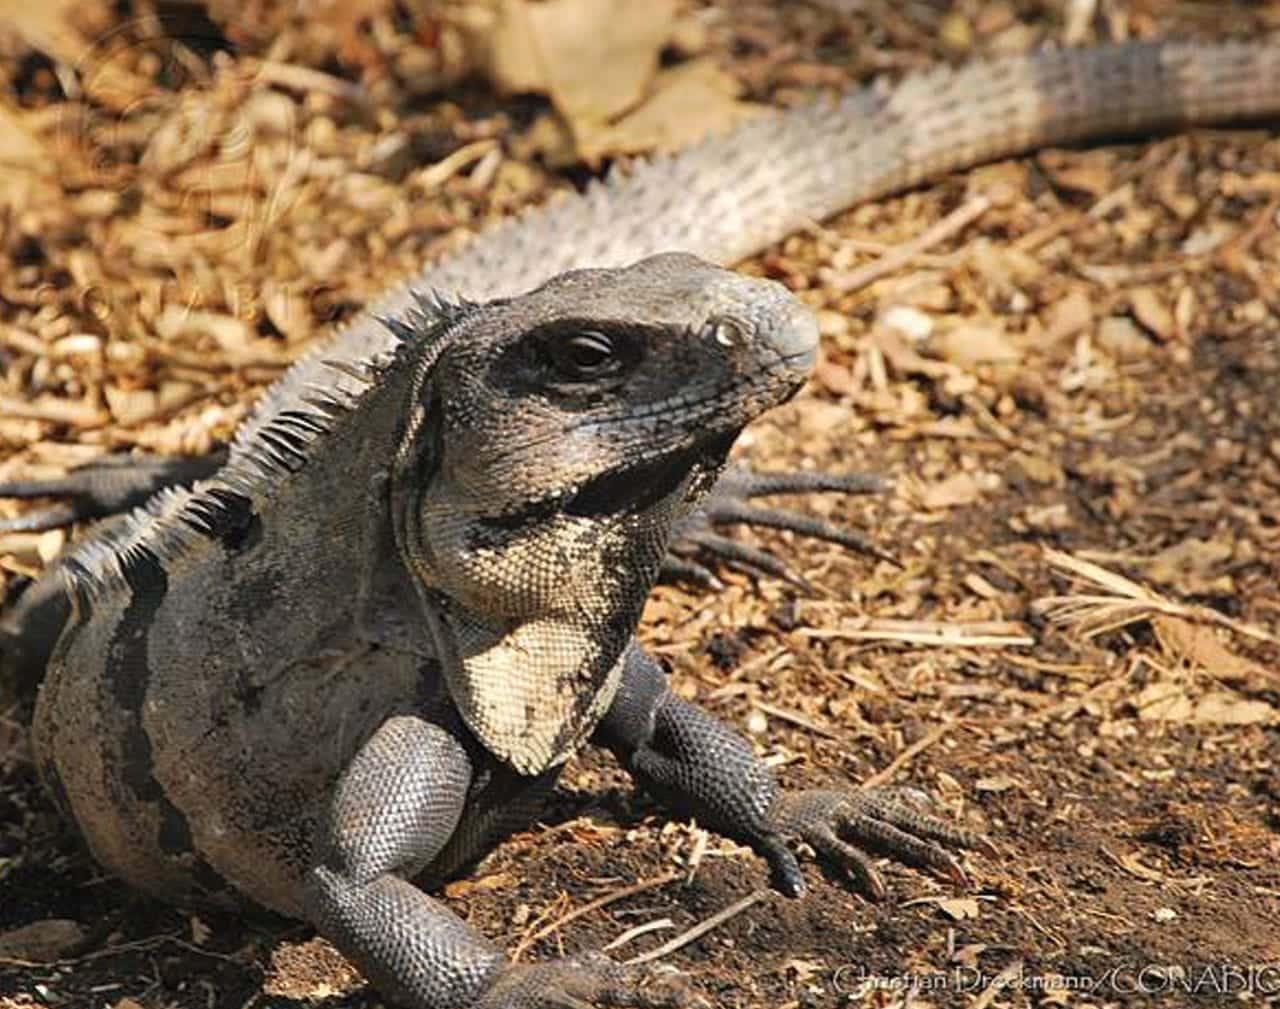 Foto: Iguana. © Reproducción autorizada por la CONABIO / Christian Dreckmann.